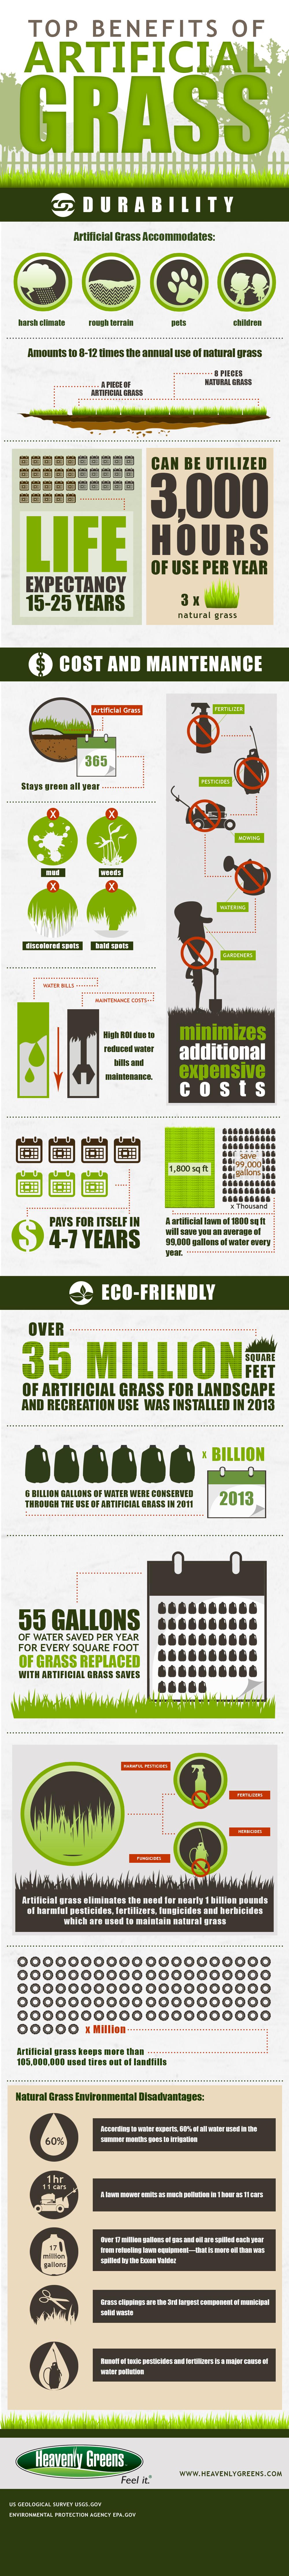 Benefits of Artifical Grass